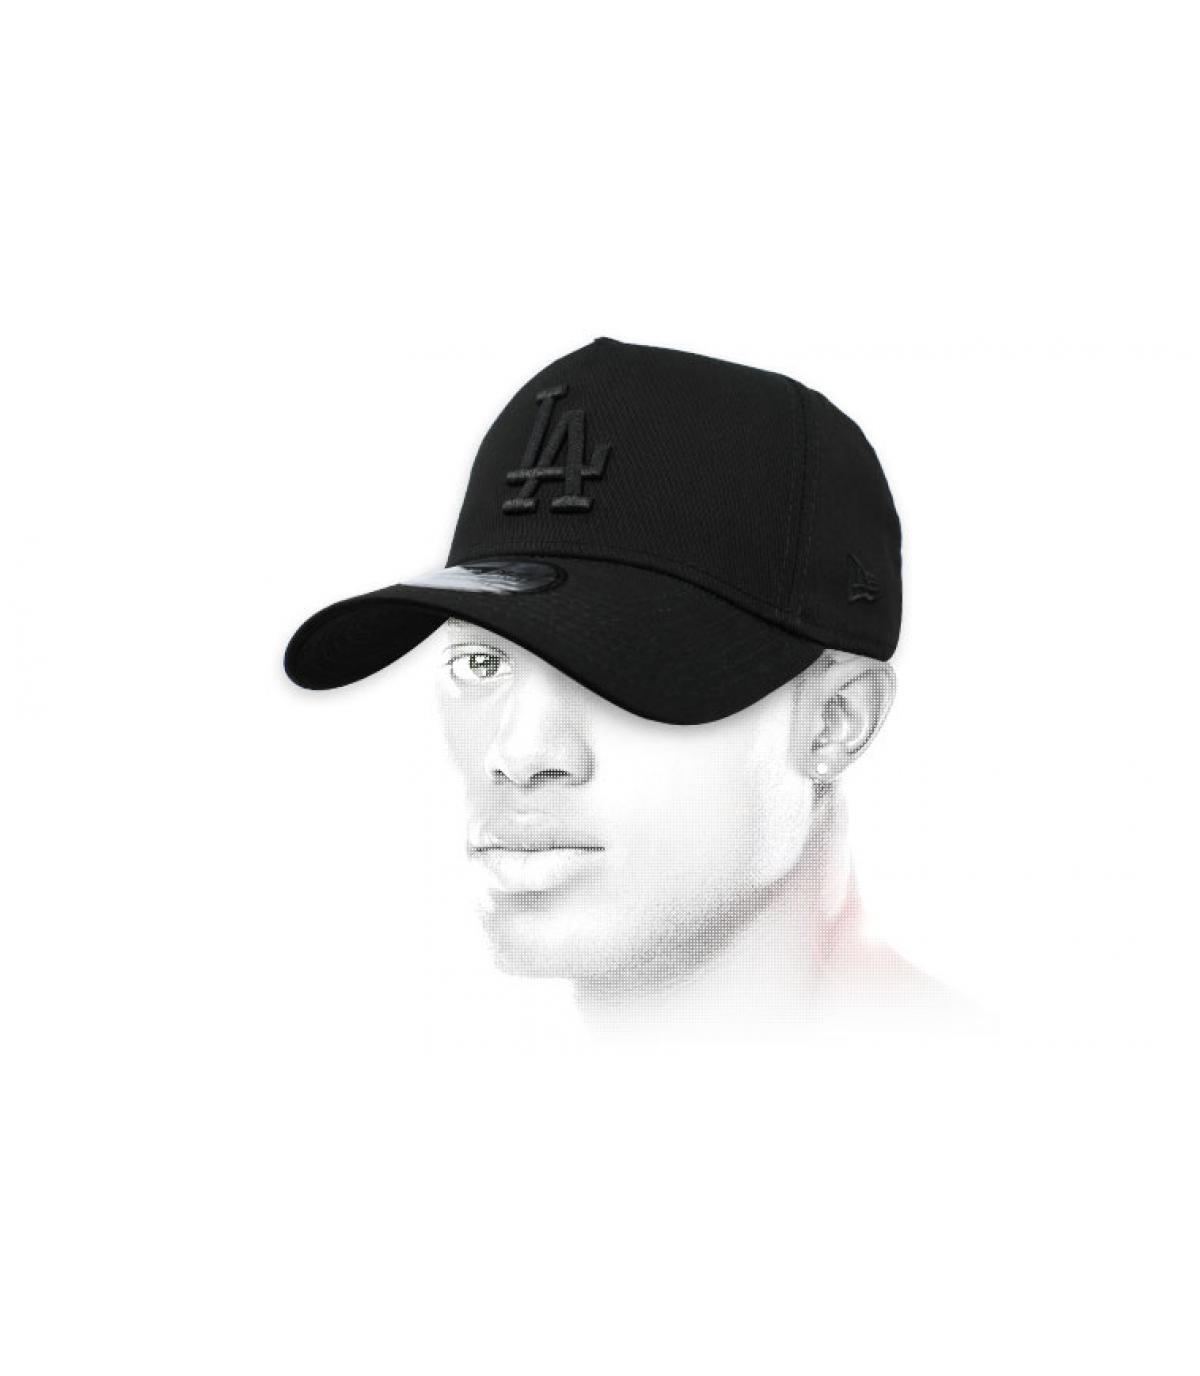 casquette LA noir Aframe